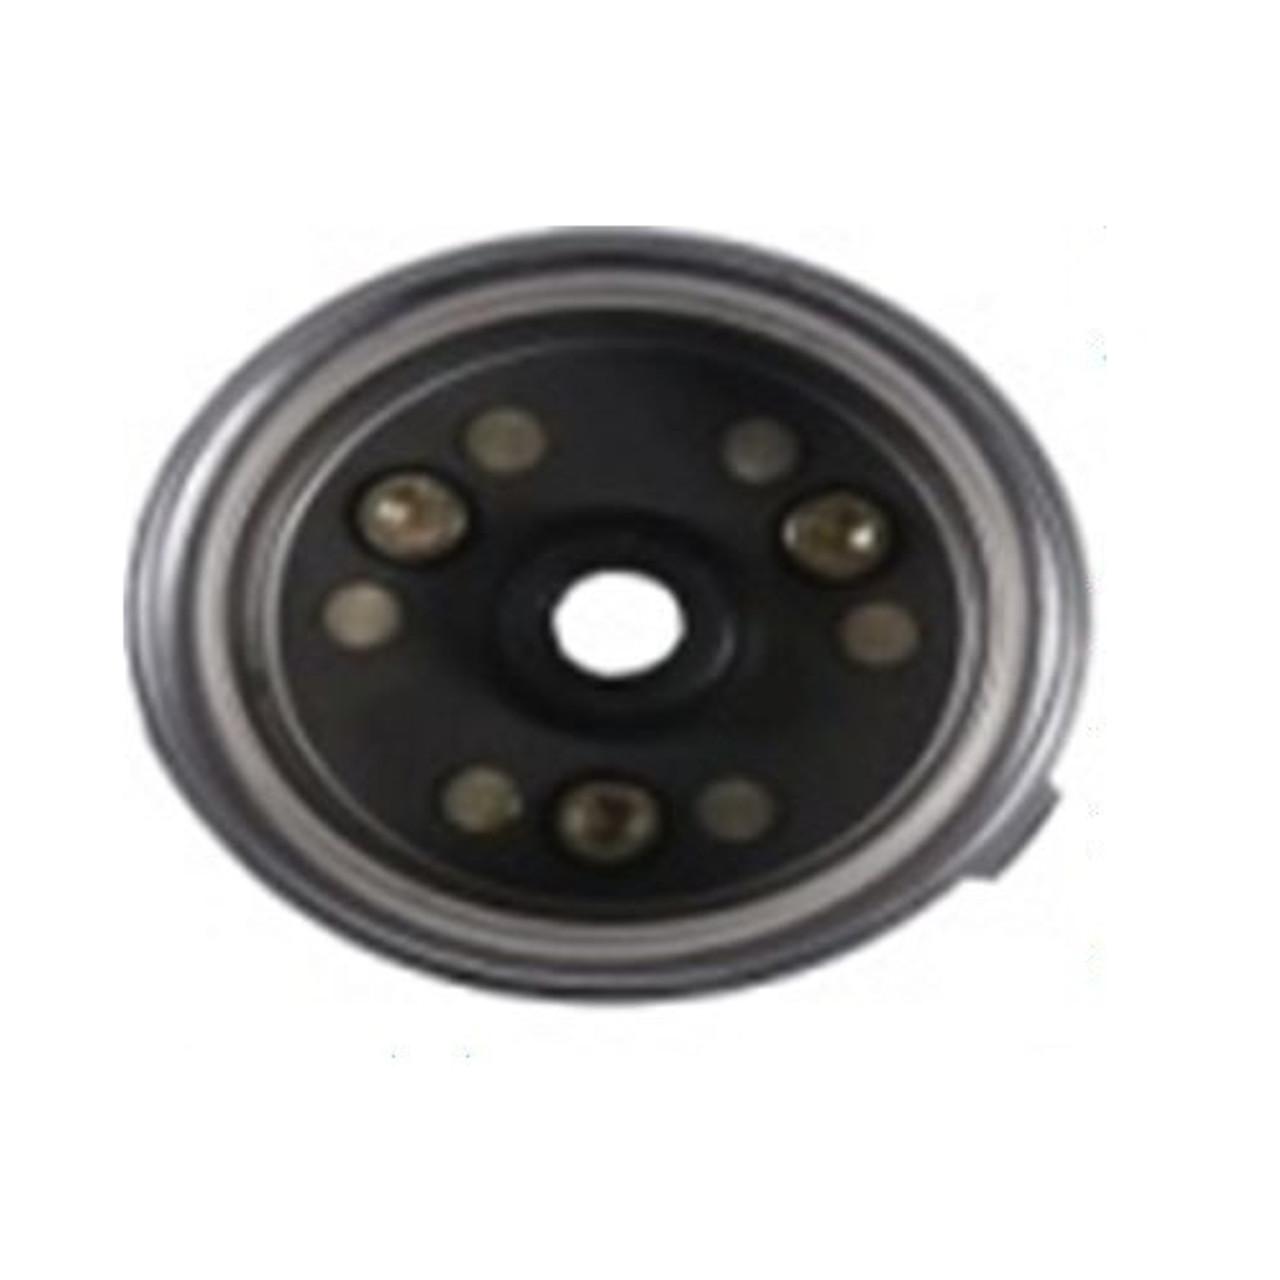 Magneto Rotor for ATA 110 B/B1 103187